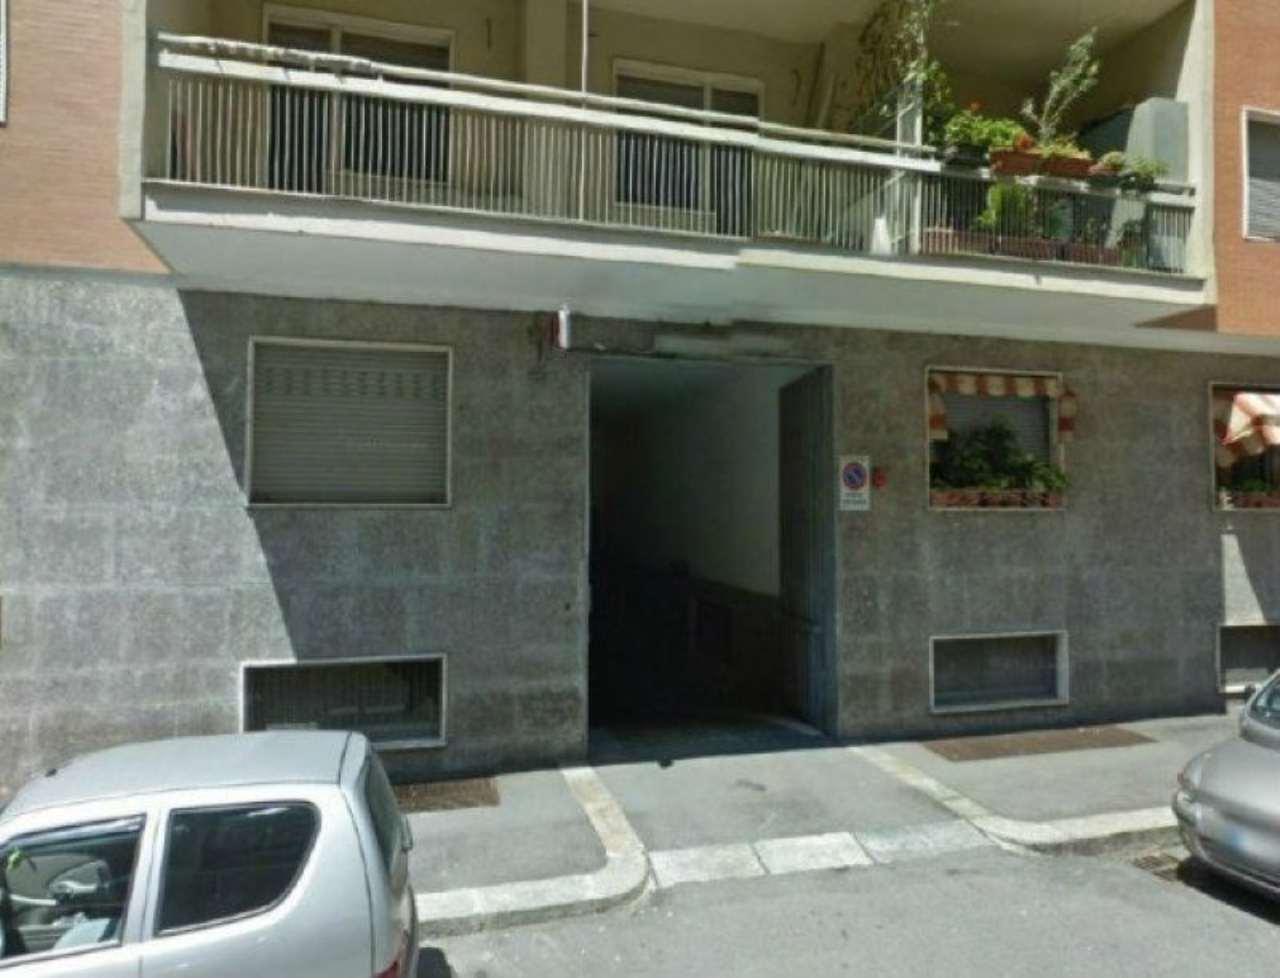 Capannone in vendita a Torino, 2 locali, zona Zona: 6 . Lingotto, prezzo € 330.000 | Cambio Casa.it